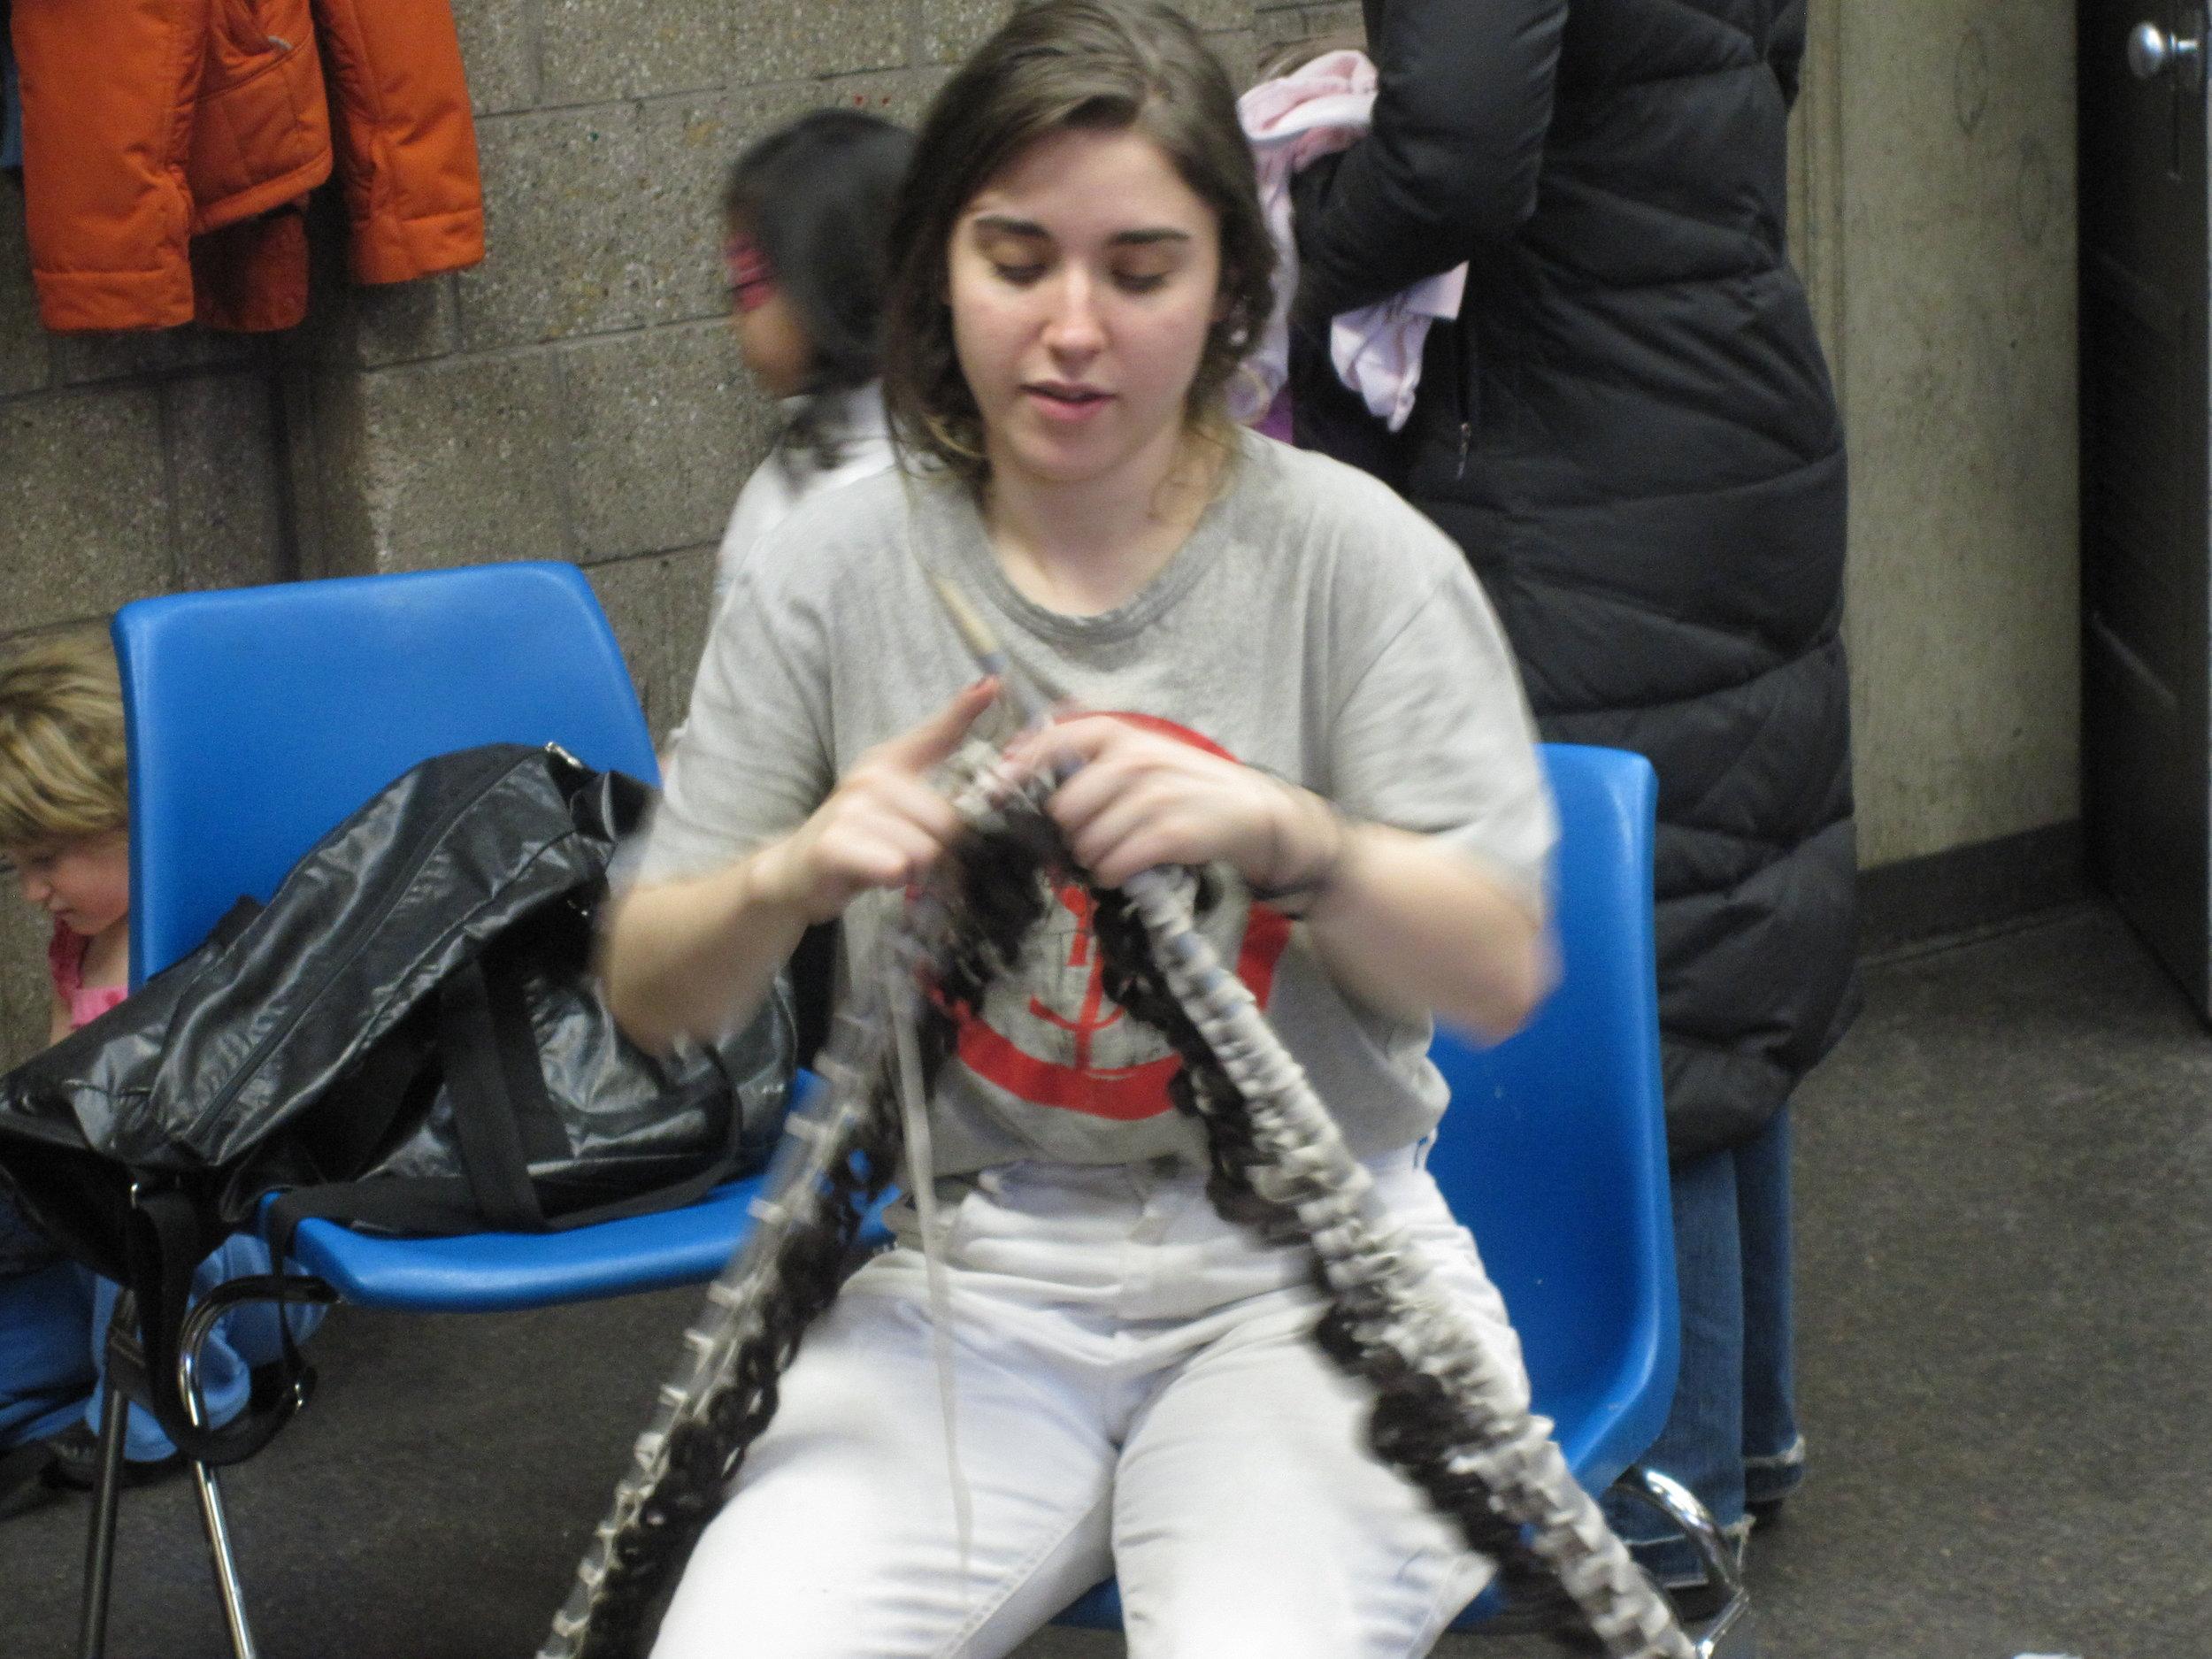 knittingmarathon10_4315180092_o.jpg